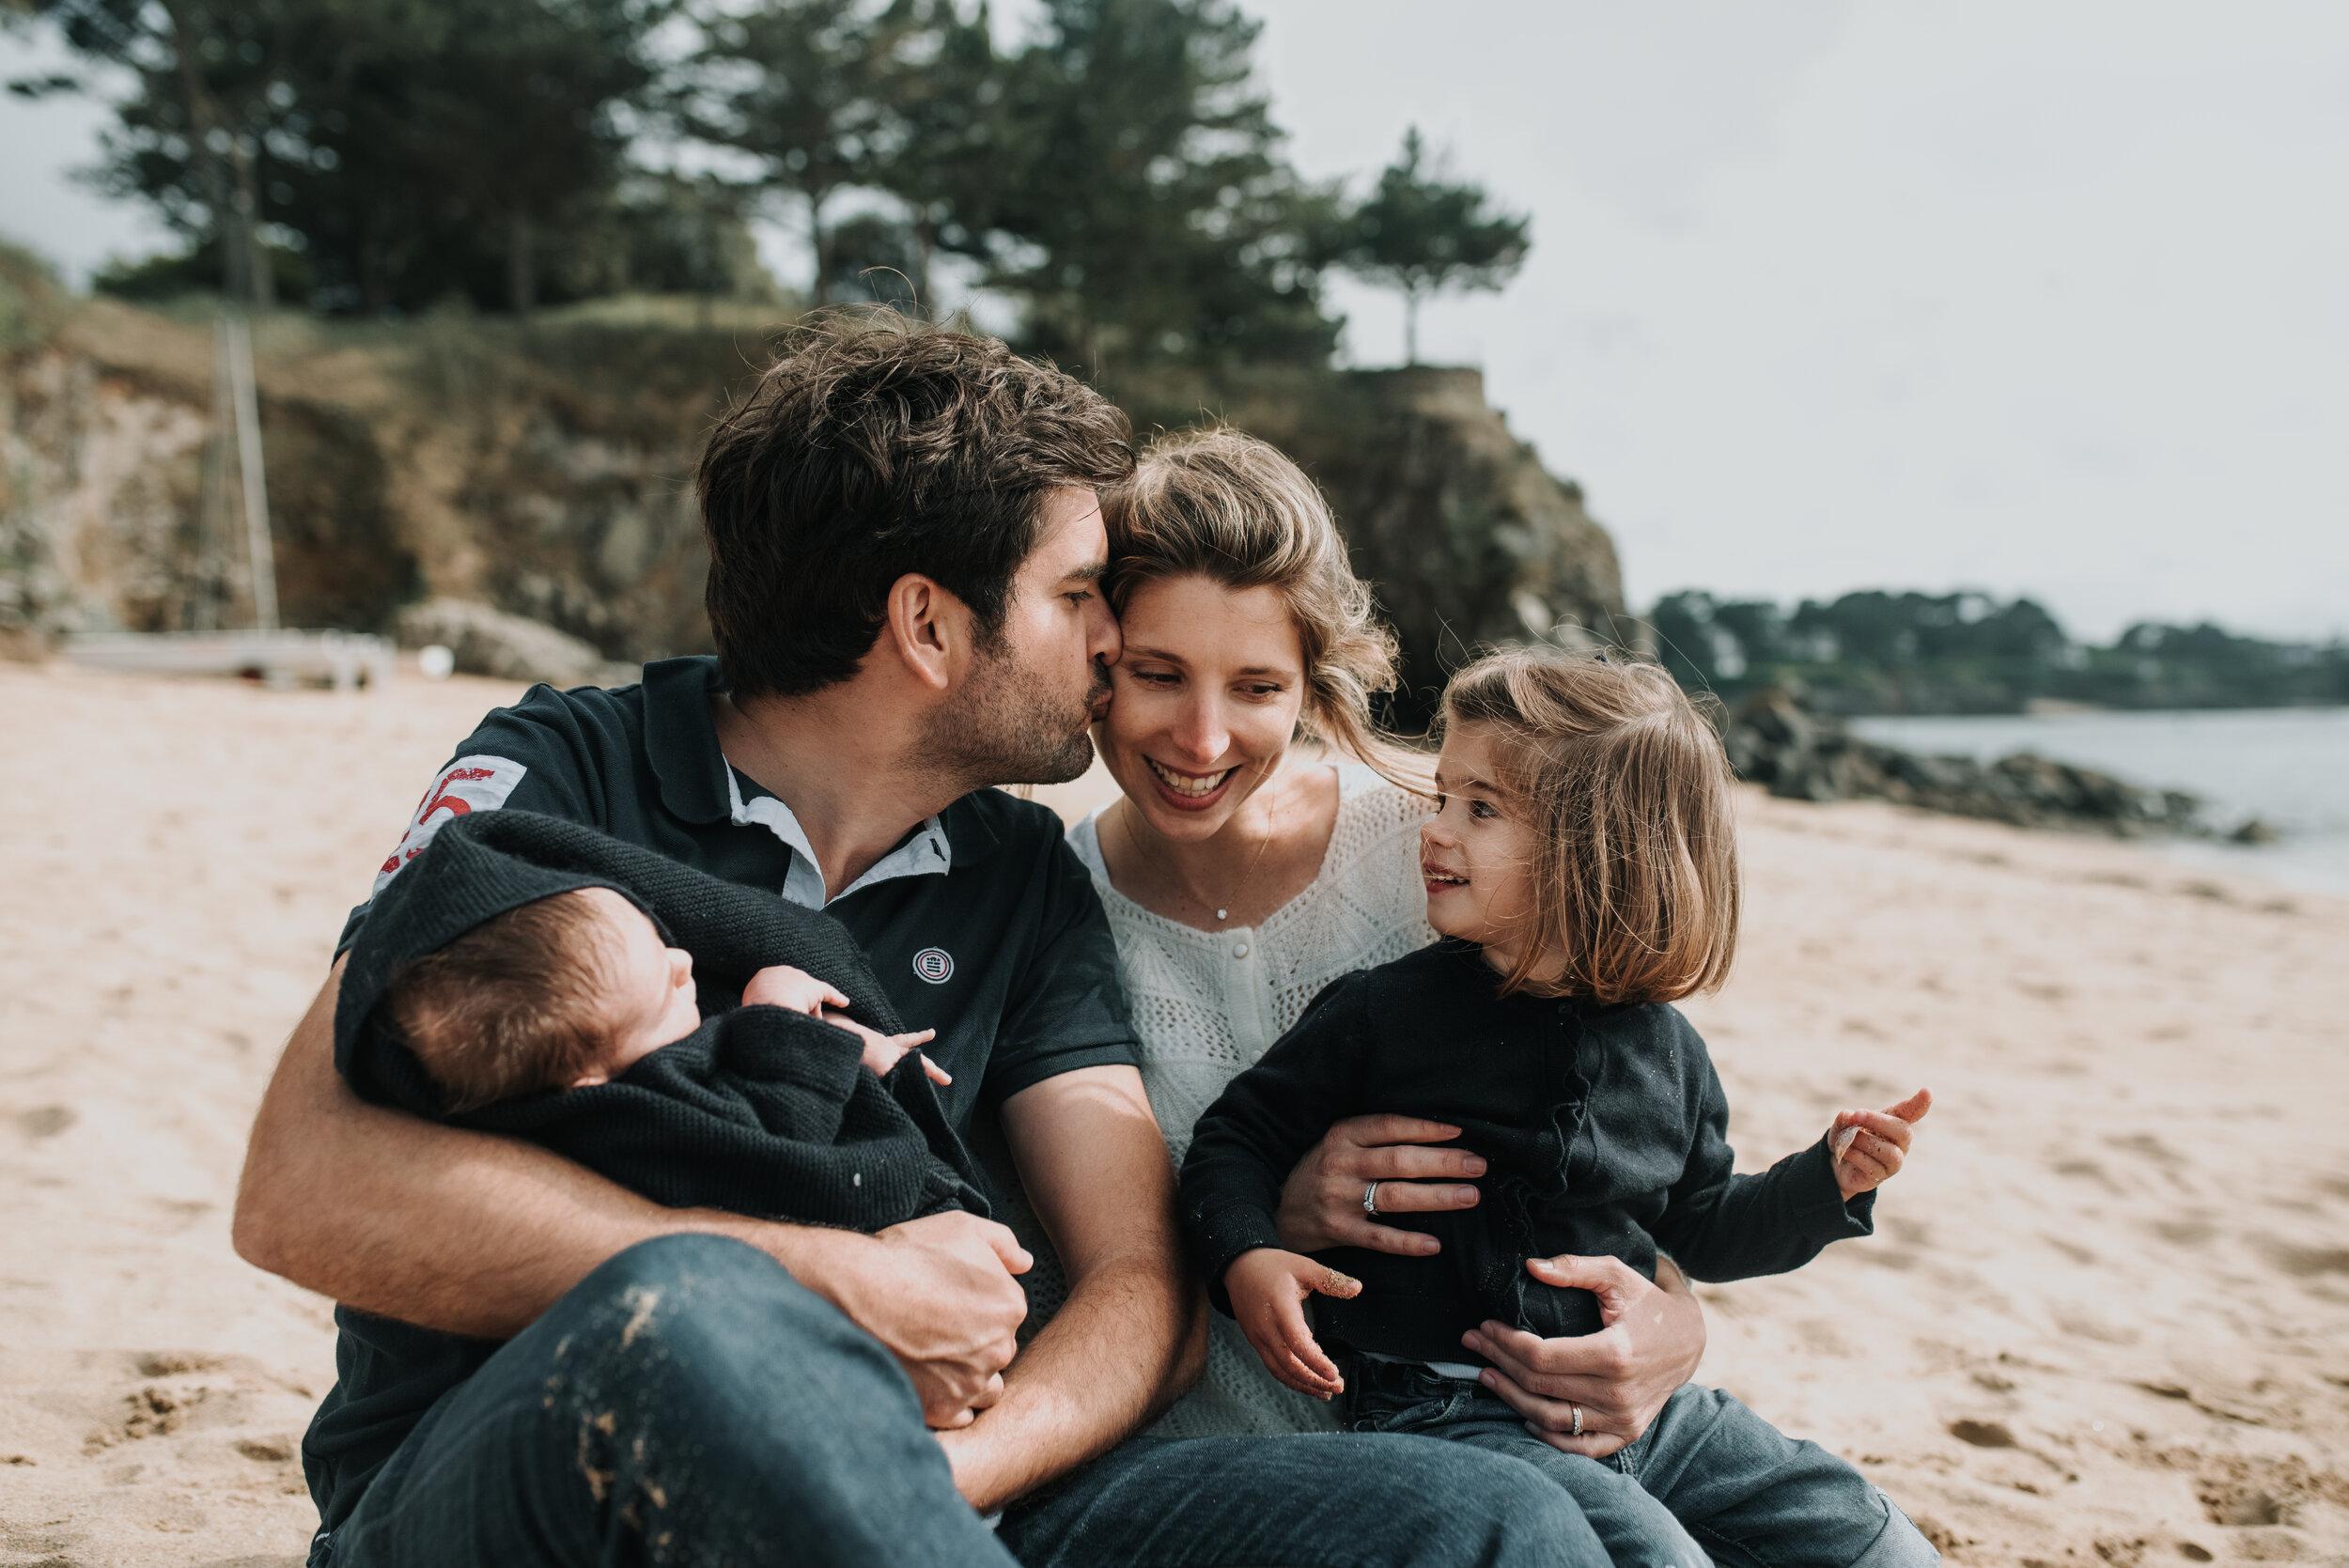 Léa-Fery-photographe-professionnel-Bretagne-portrait-creation-mariage-evenement-evenementiel-famille-7640.jpg